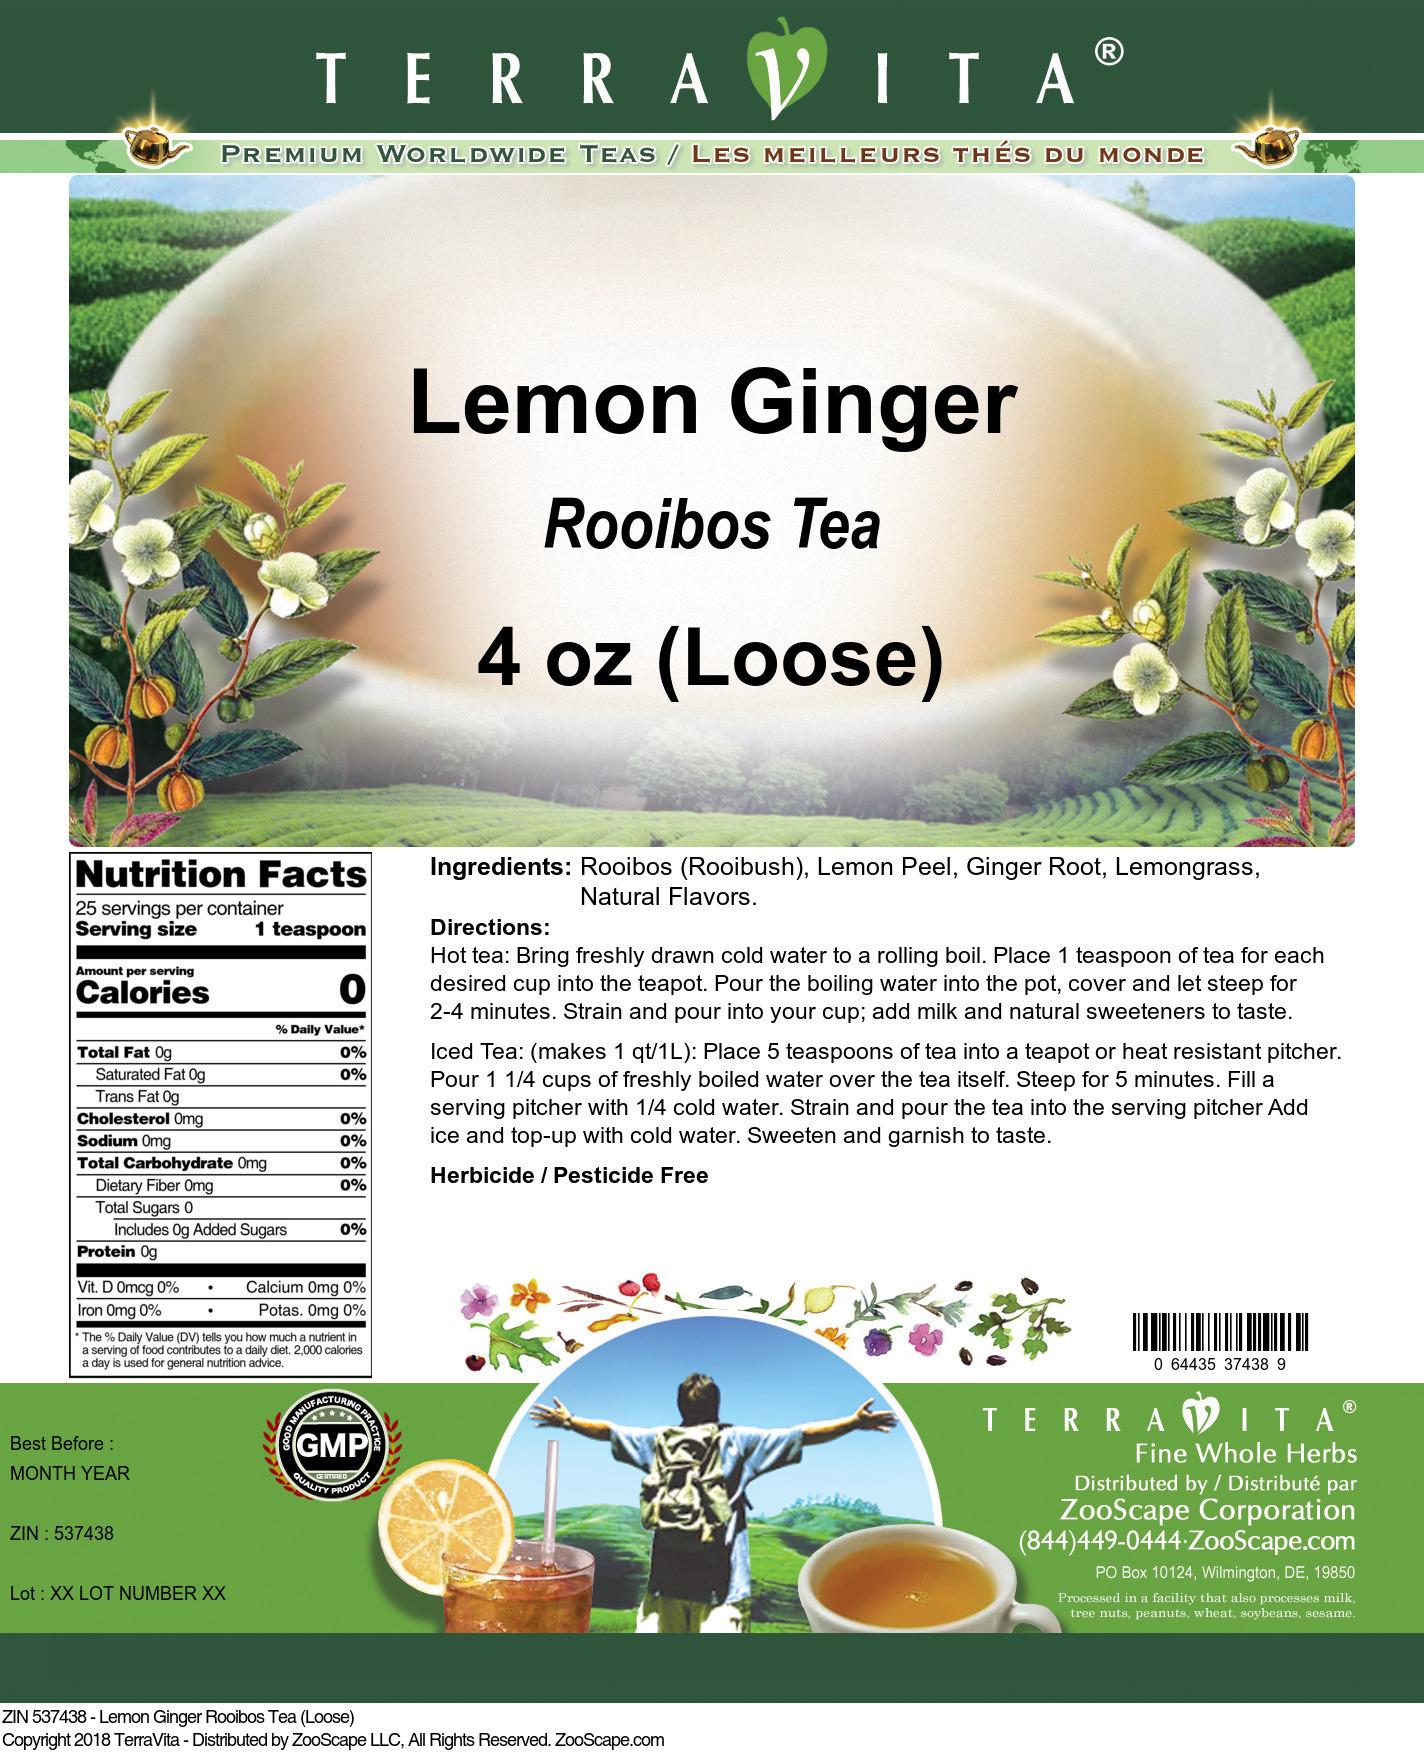 Lemon Ginger Rooibos Tea (Loose)